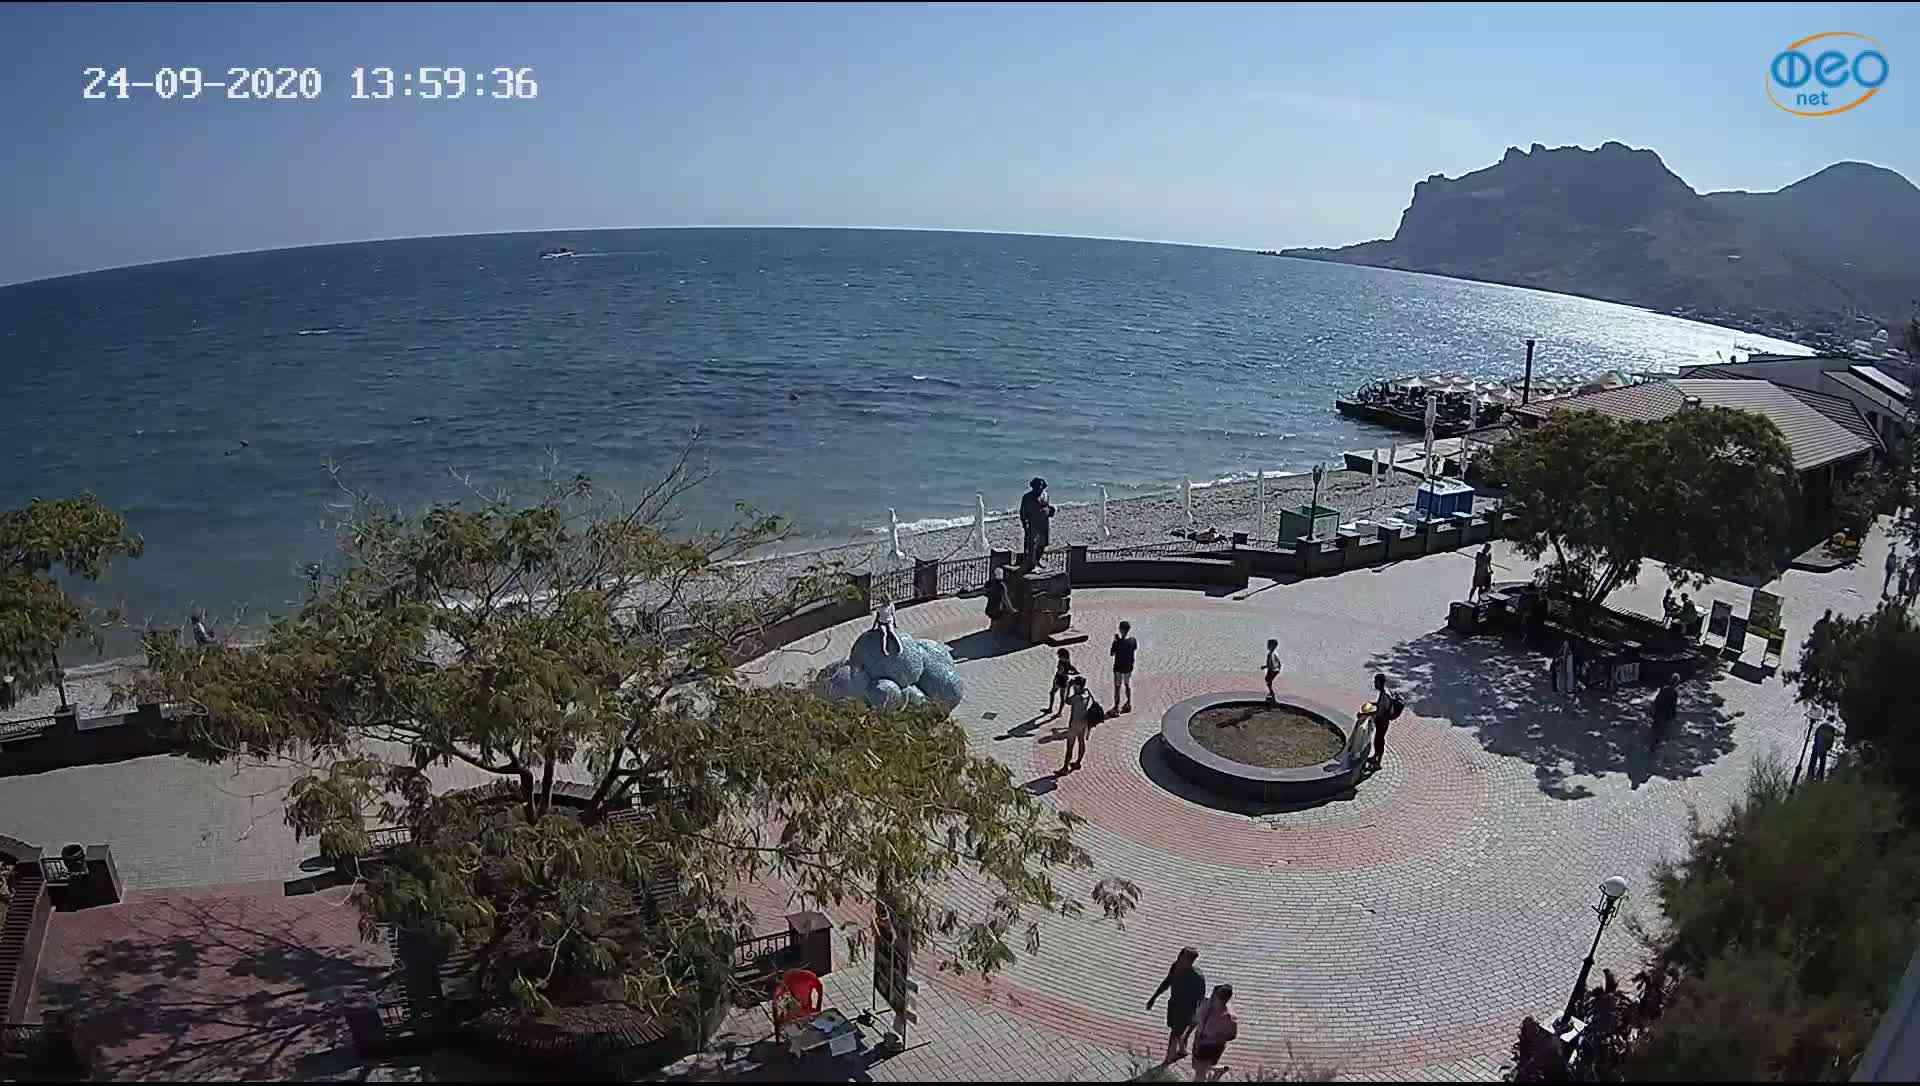 Веб-камеры Феодосии, Набережная Коктебель перед домом Волошина, 2020-09-24 13:59:52